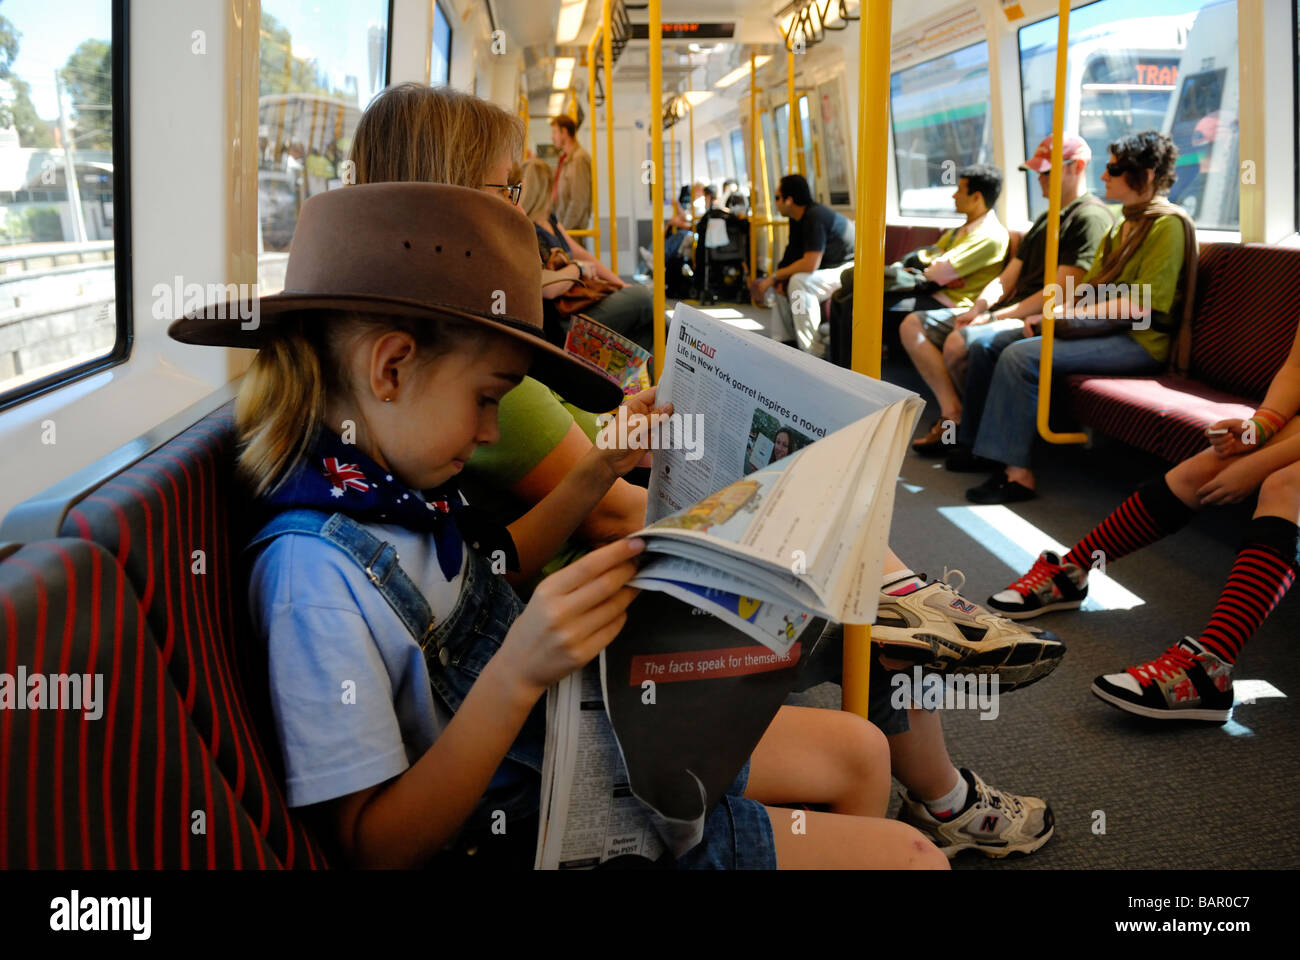 Bambino anni 10 indossando Episteme hat e bandiera australiana bandana lettura carta sul treno. Perth, Western Australia Immagini Stock